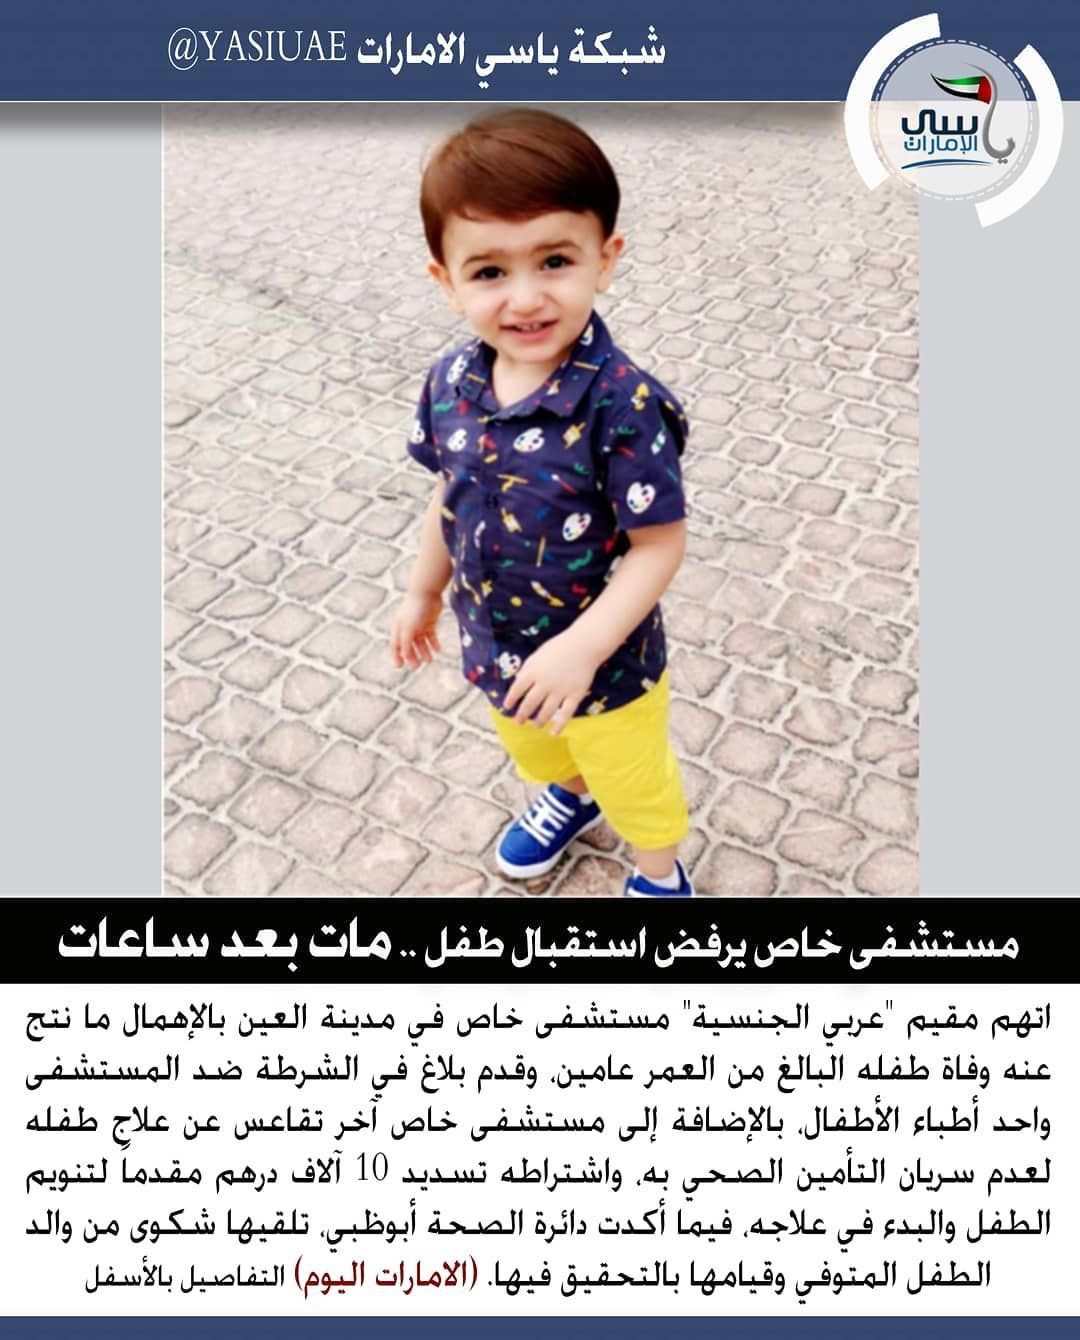 ياسي الامارات وتفصيلا أكد علاء رواجبي والد الطفل المتوفي كريم لـ الإمارات اليوم أنه لاحظ ارتفاع درجة حرارة طفله فقام باصطحابه إل Baby Face Face Baby